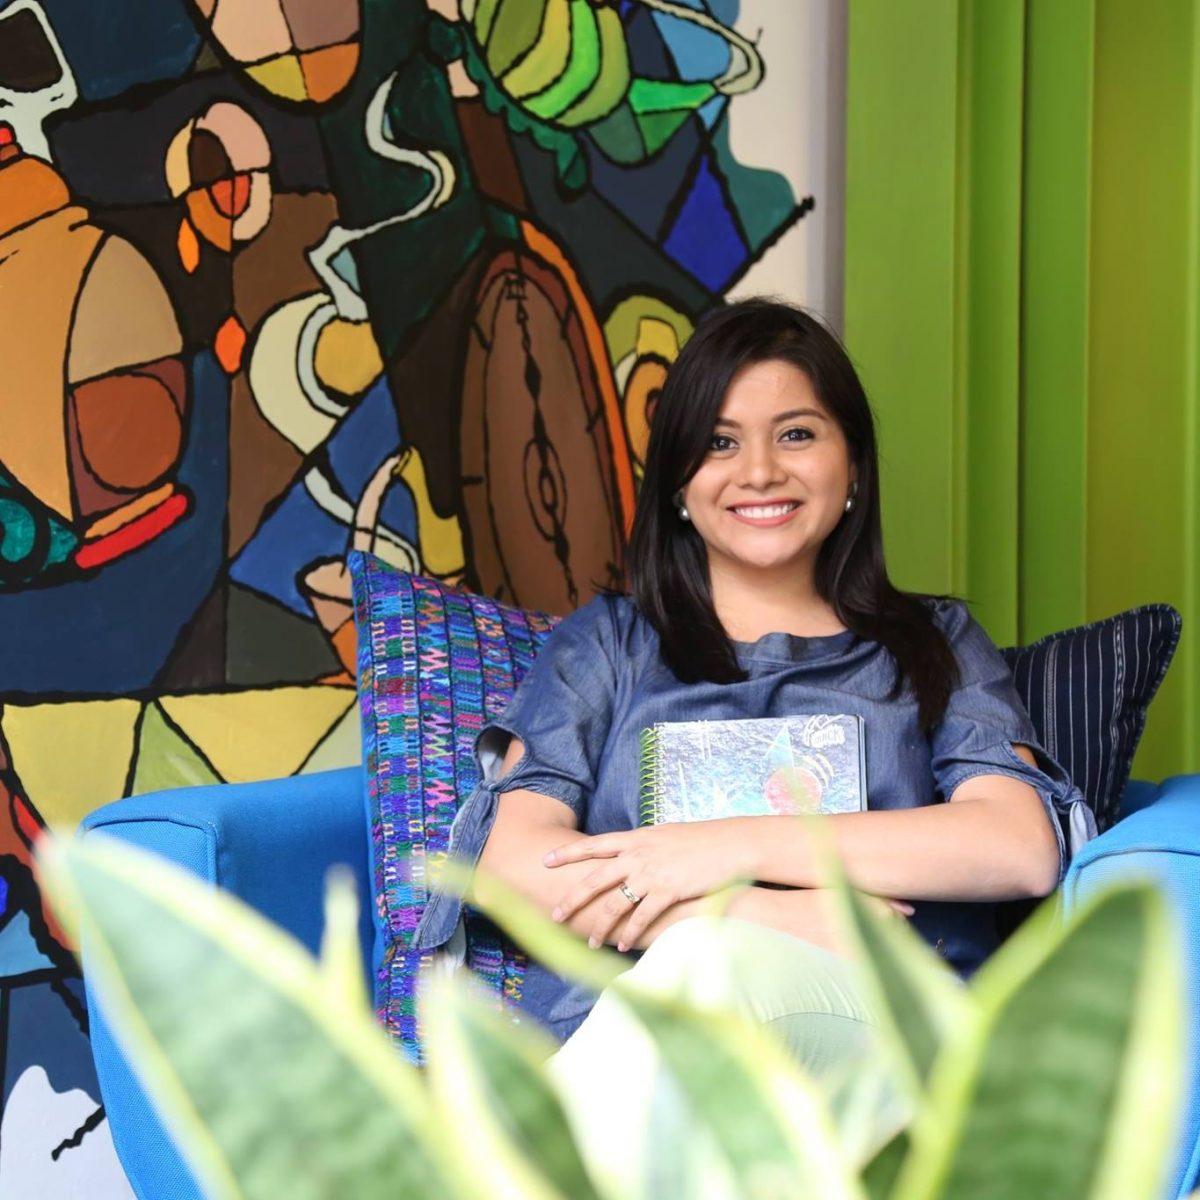 La pasión por sus hijas y la cocina ayudó a Susana a crear emprendimientos imagen